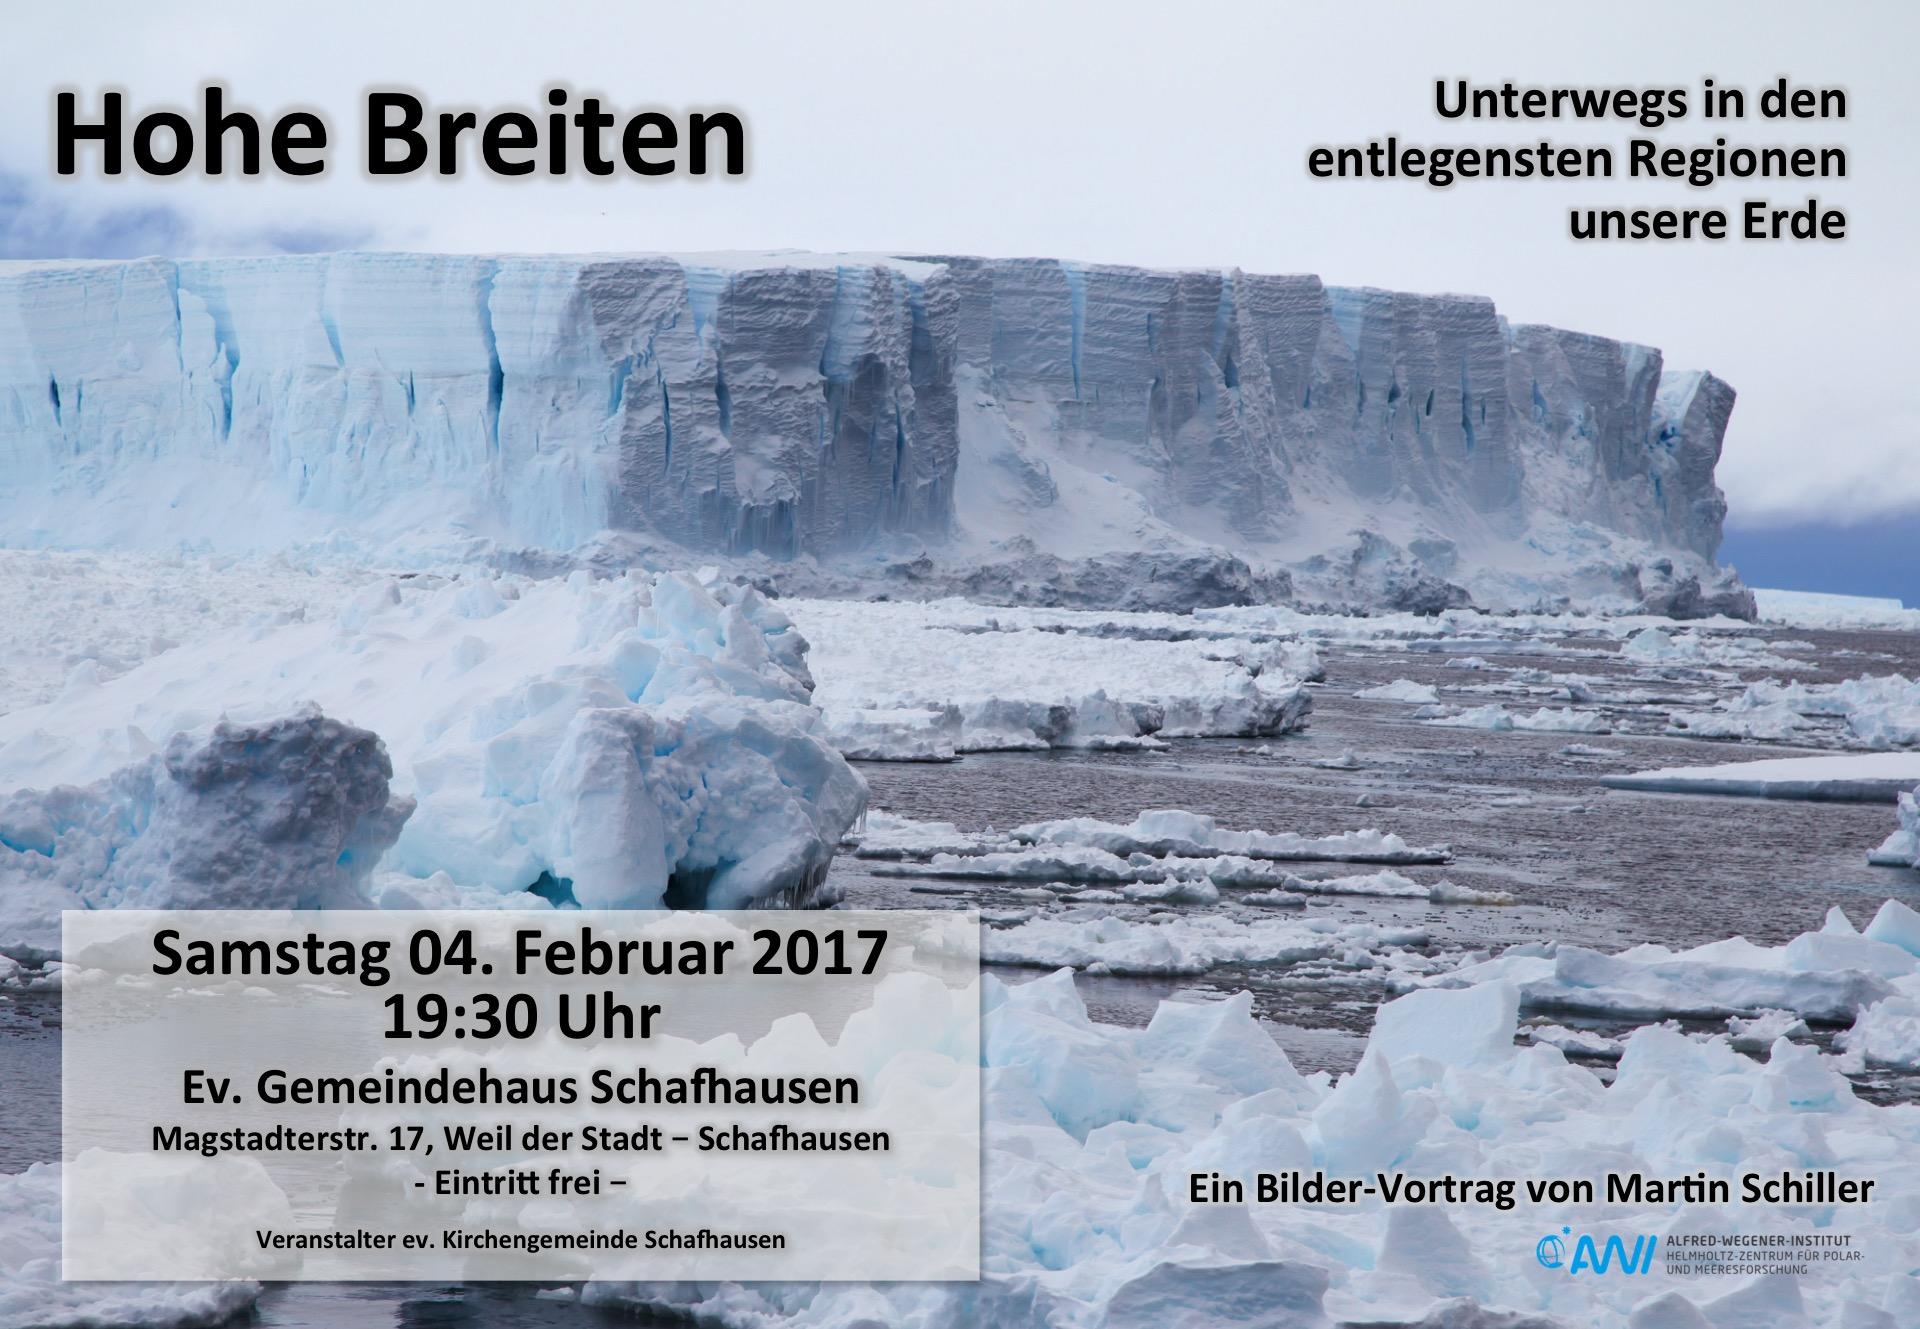 Vortrag in Weil der Stadt – Schafhausen